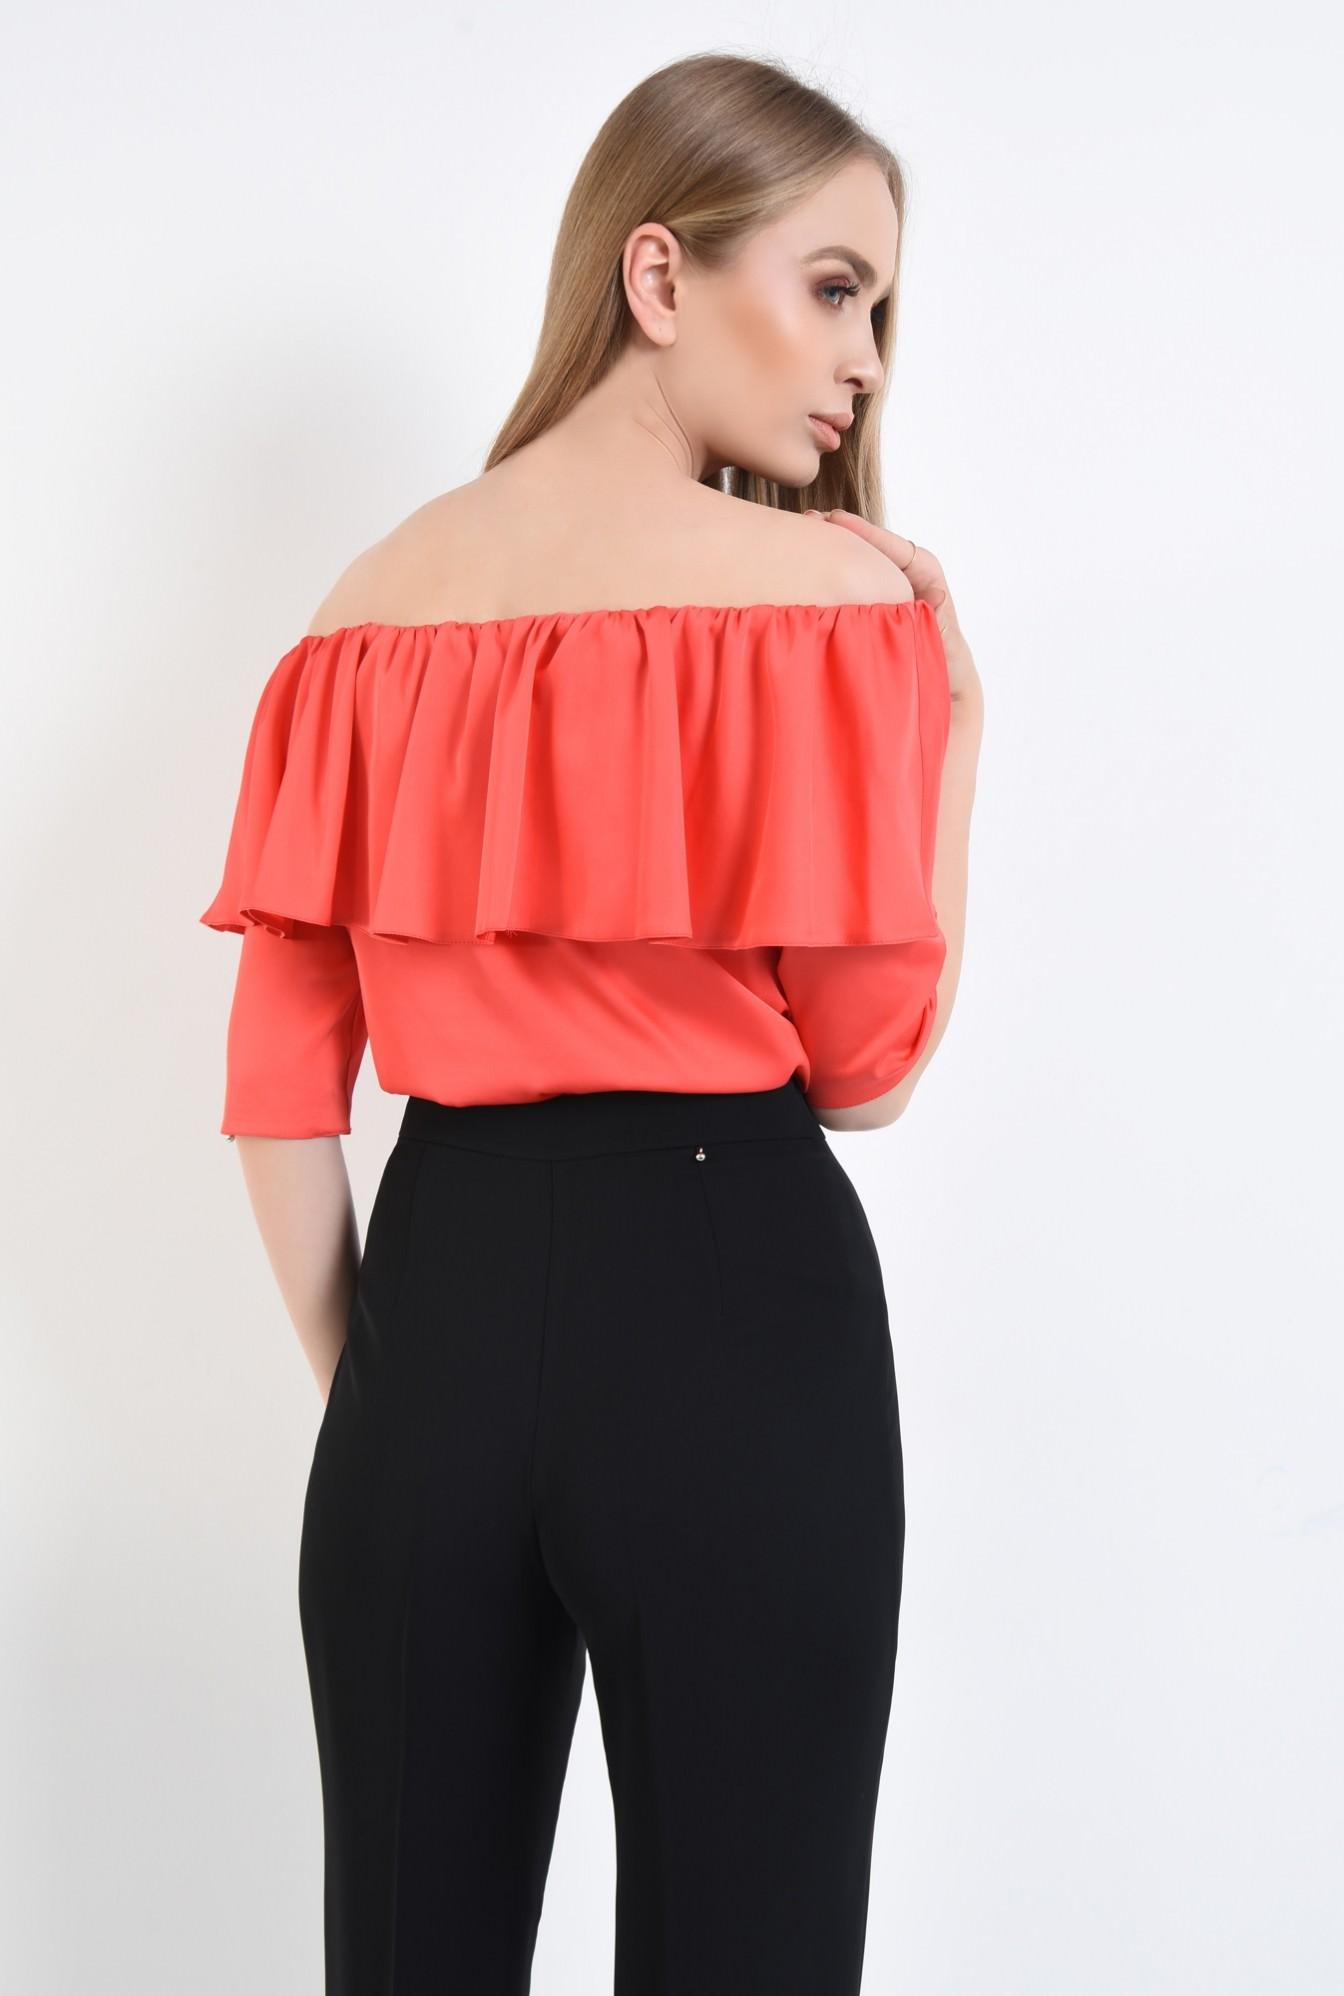 1 - Bluza eleganta, satin, rosu